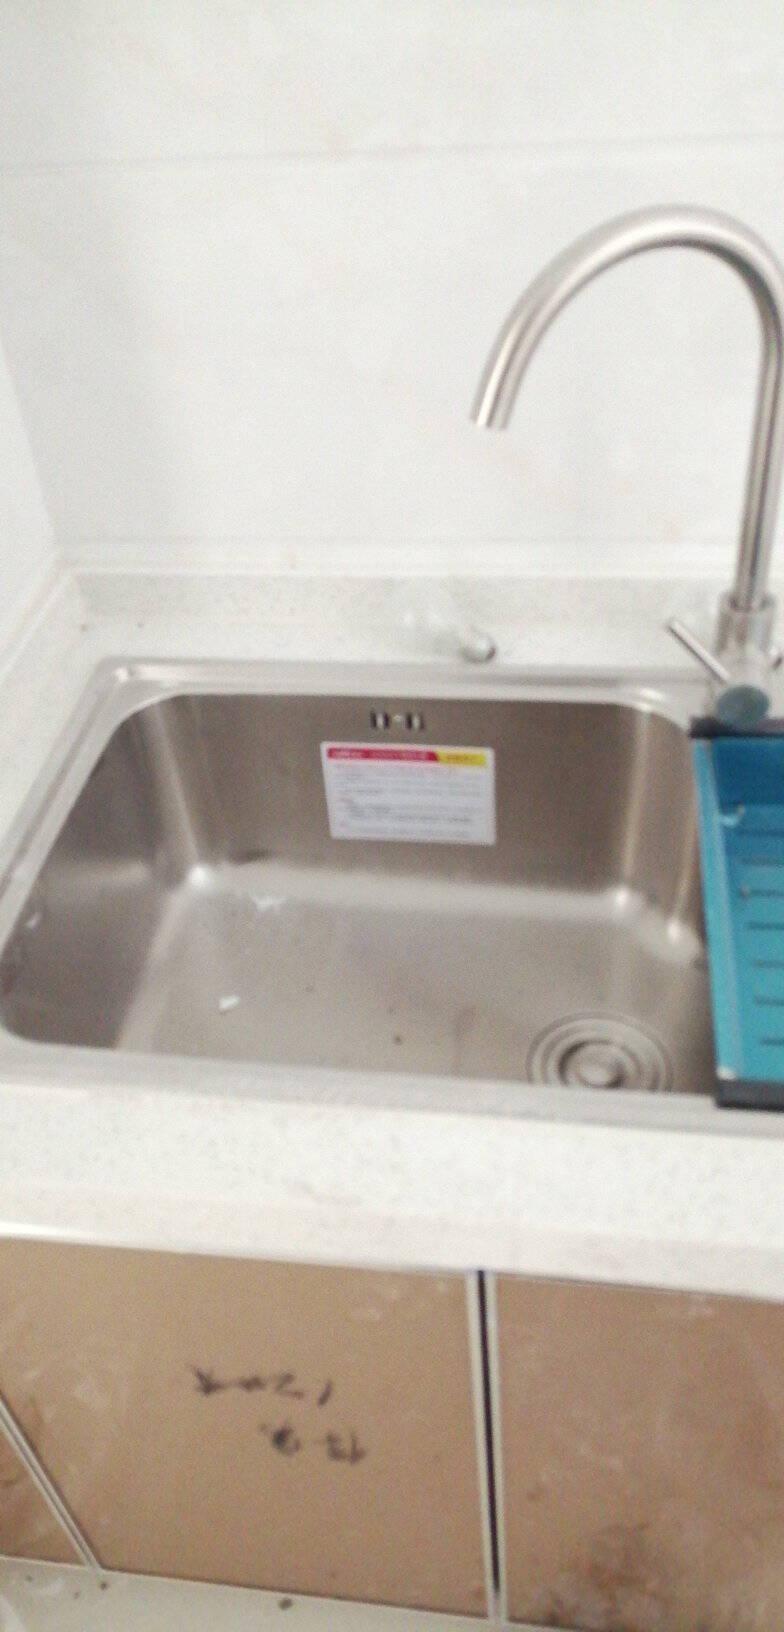 华帝(VATTI)304不锈钢水槽单槽拉丝不锈钢洗菜盆厨房水槽厨房洗碗盆091103(750*450*235)